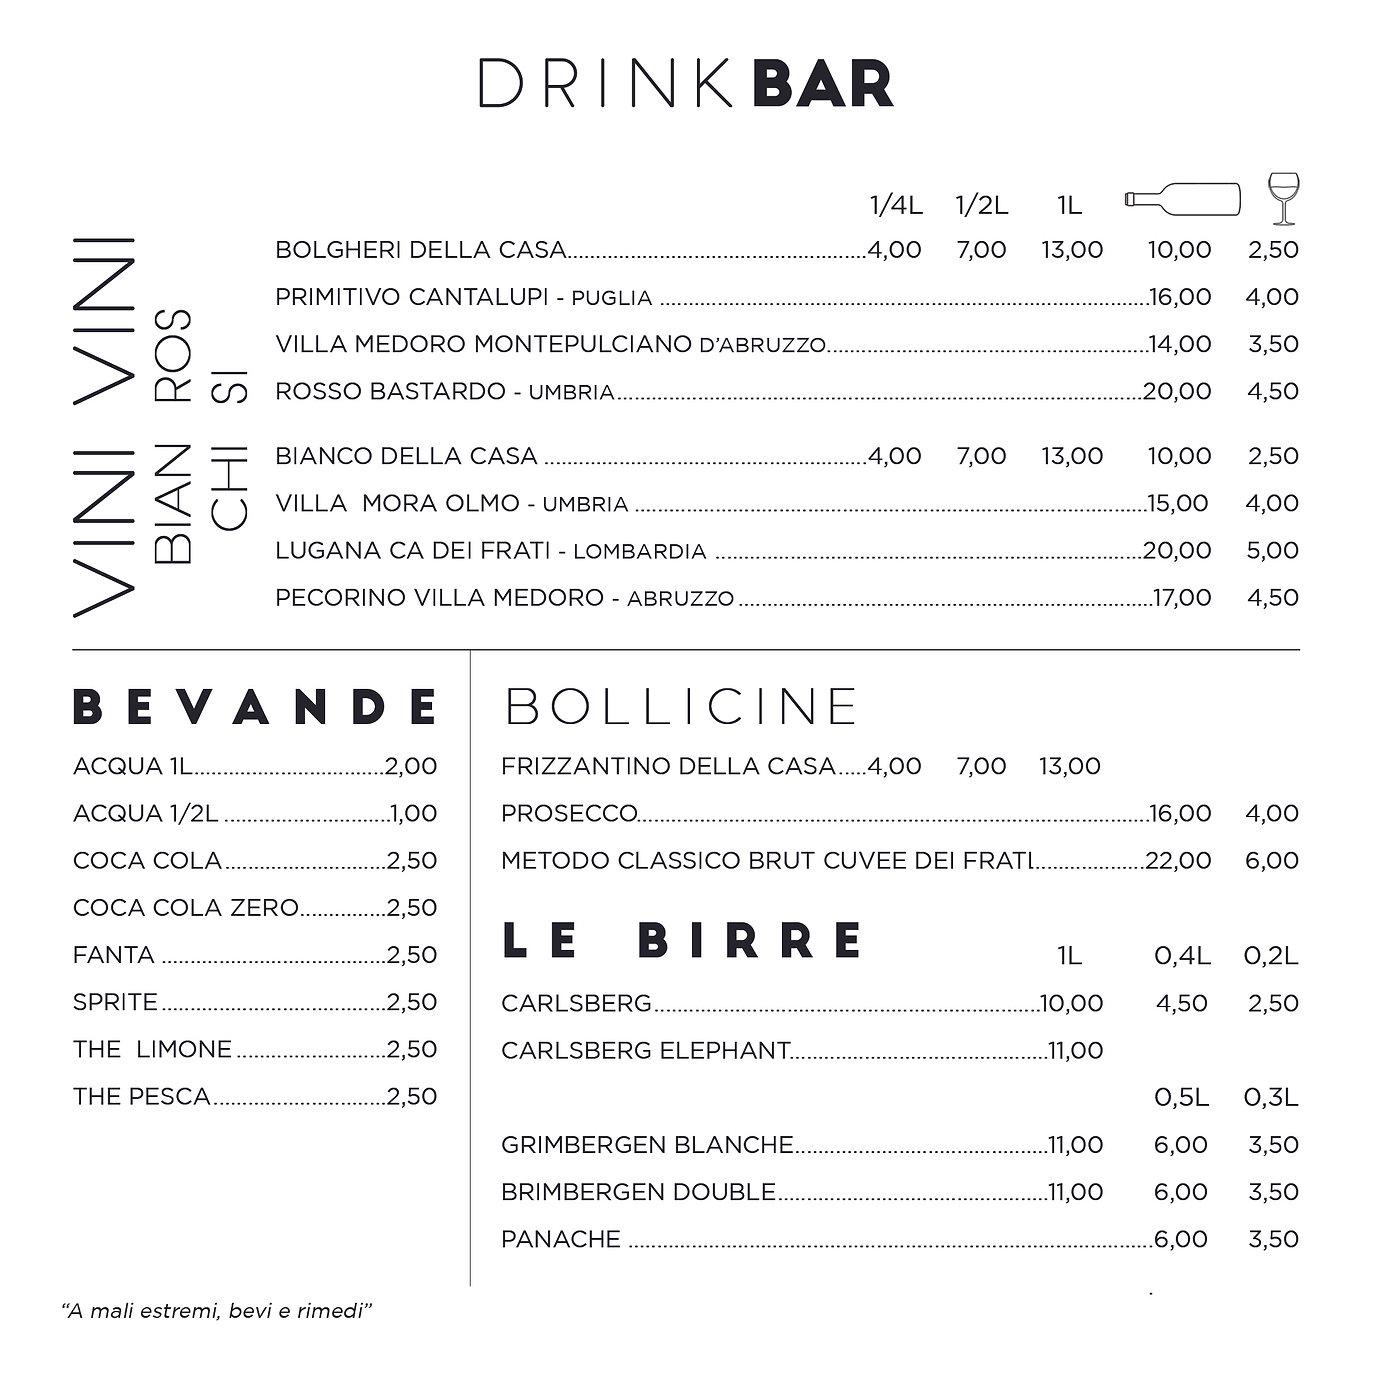 DRINK AGGIORNATO 28.04.21.jpg